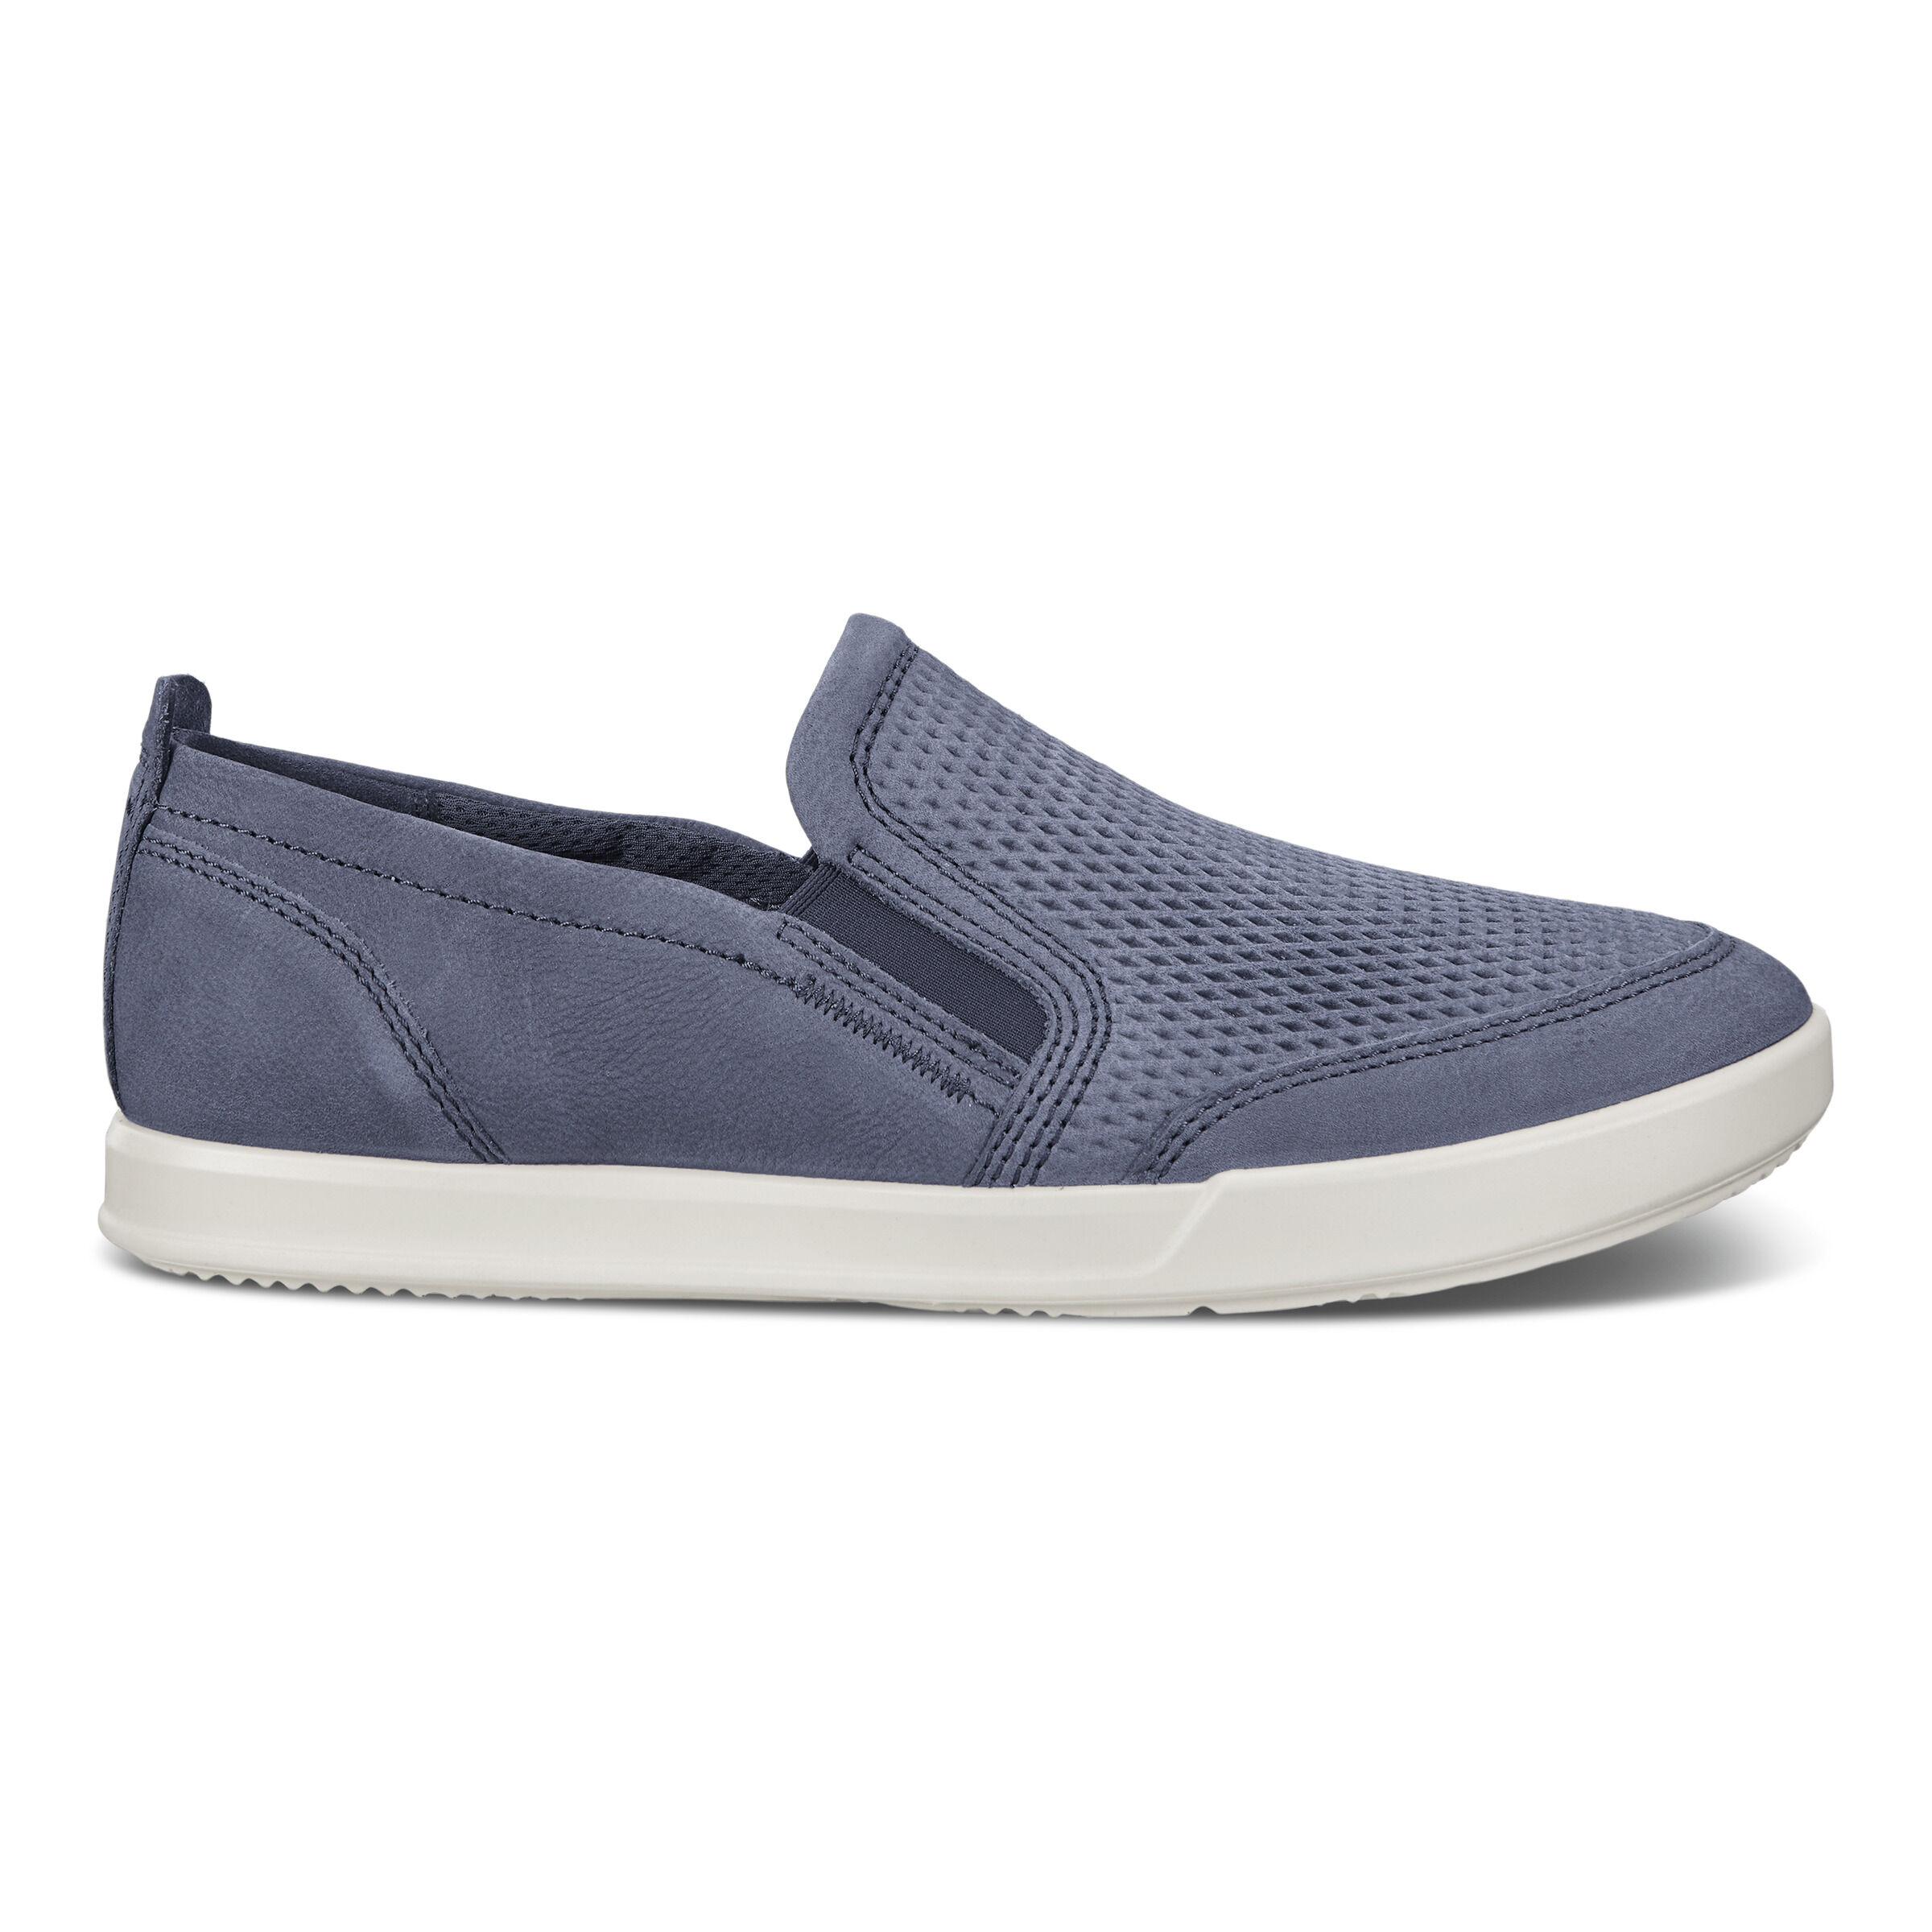 에코 ECCO Collin 2.0 Mens Shoes,ombre